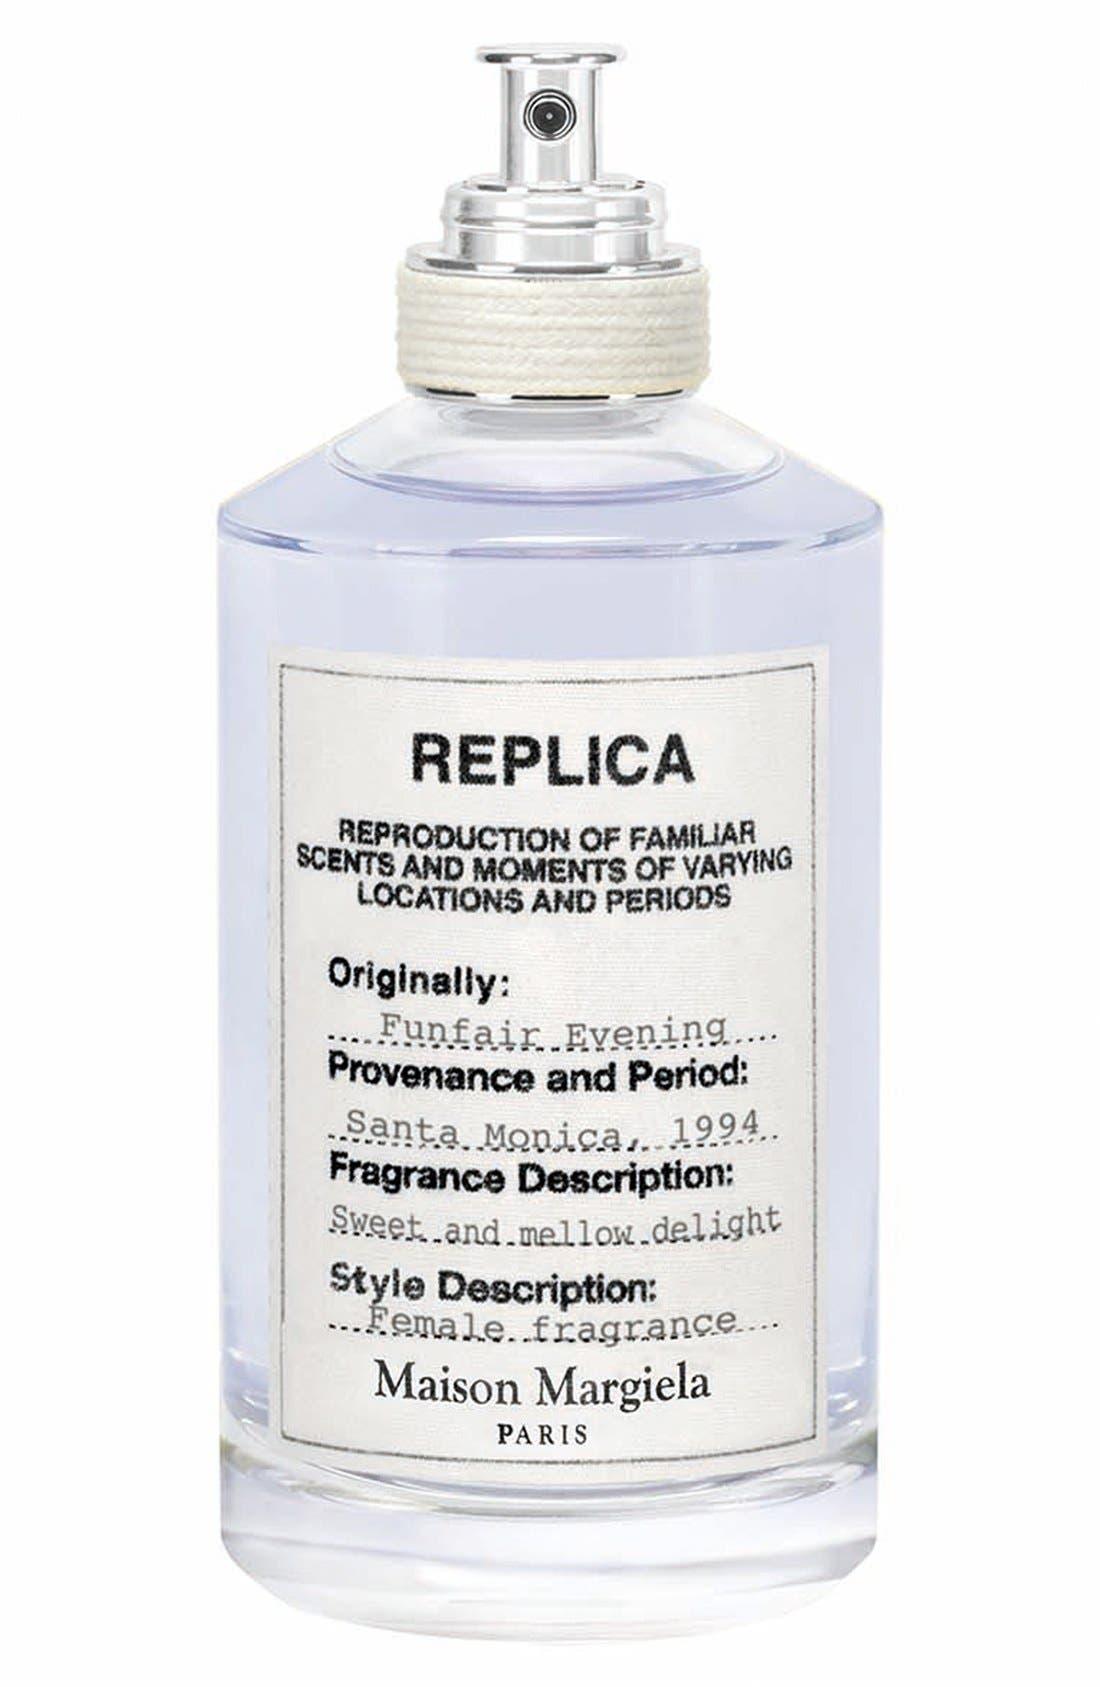 MAISON MARGIELA, Replica Funfair Evening Fragrance, Main thumbnail 1, color, NO COLOR